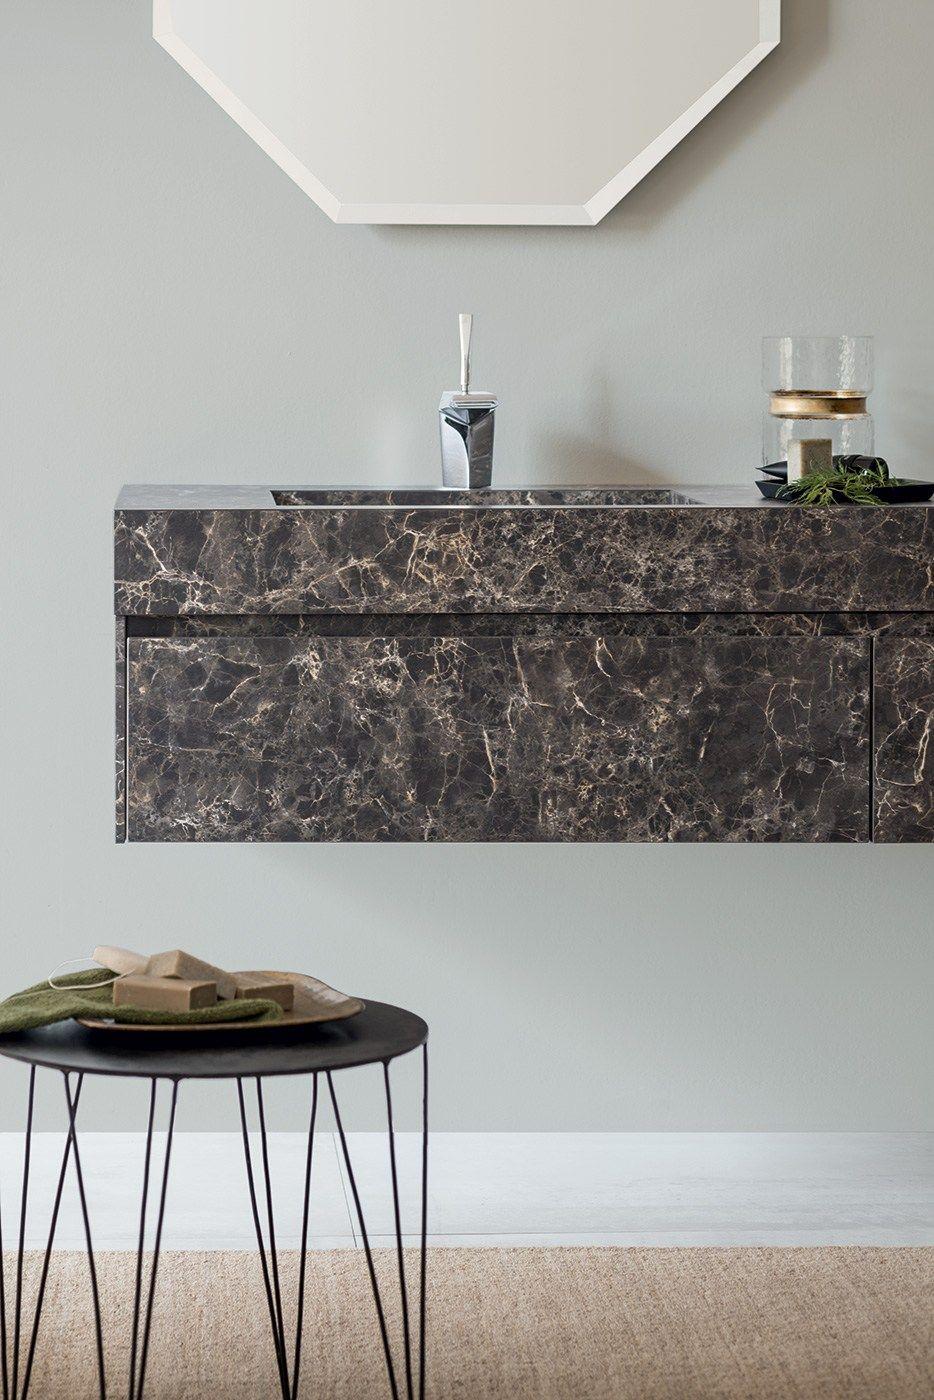 Mobile bagno in stile moderno 81 - 3.0 Collection by RAB Arredobagno design Ufficio tecnico RAB ...